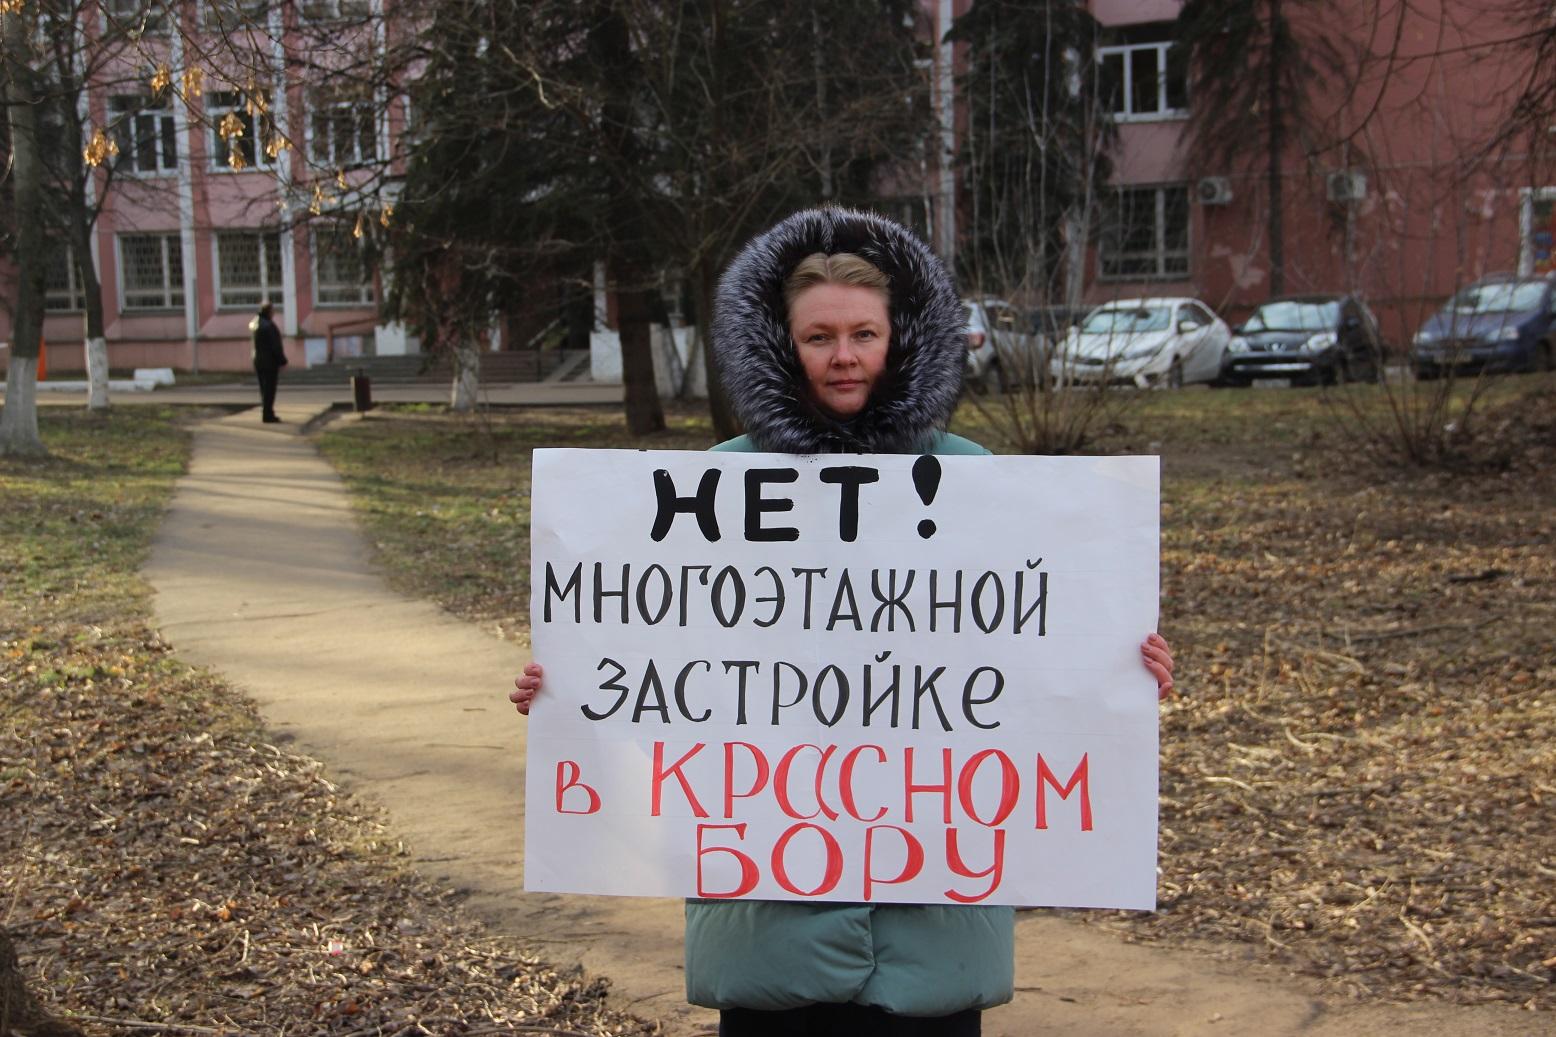 Депутаты КПРФ просят отложить рассмотрение вопроса по застройке сельского поселения